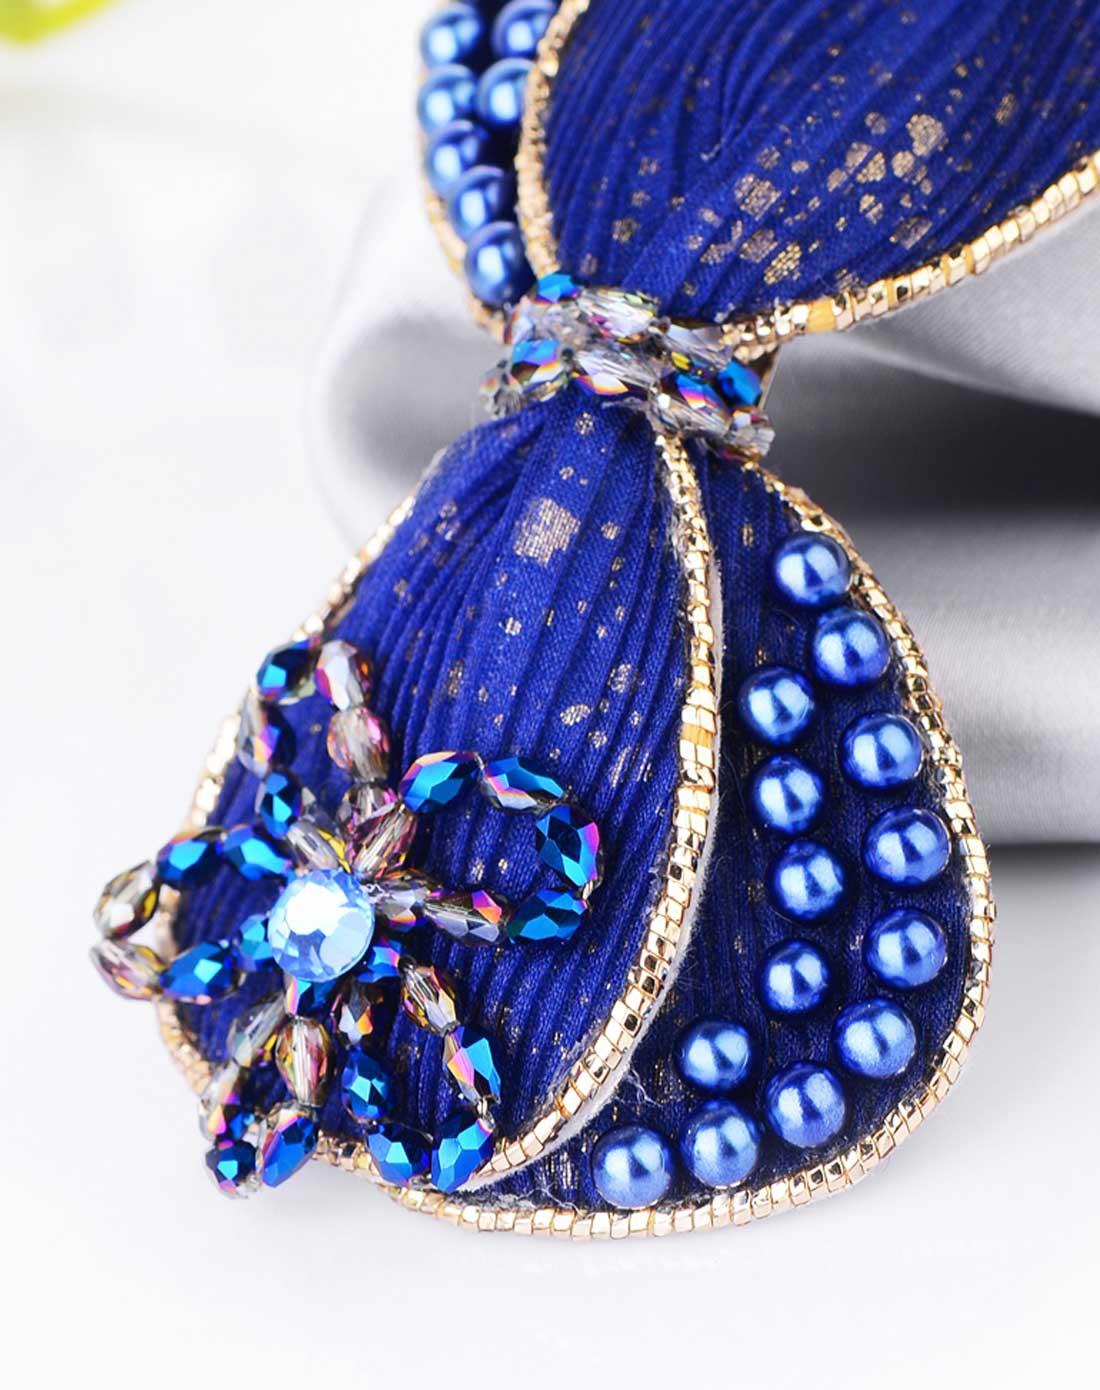 蓝色珍珠串珠布艺蝴蝶结发夹